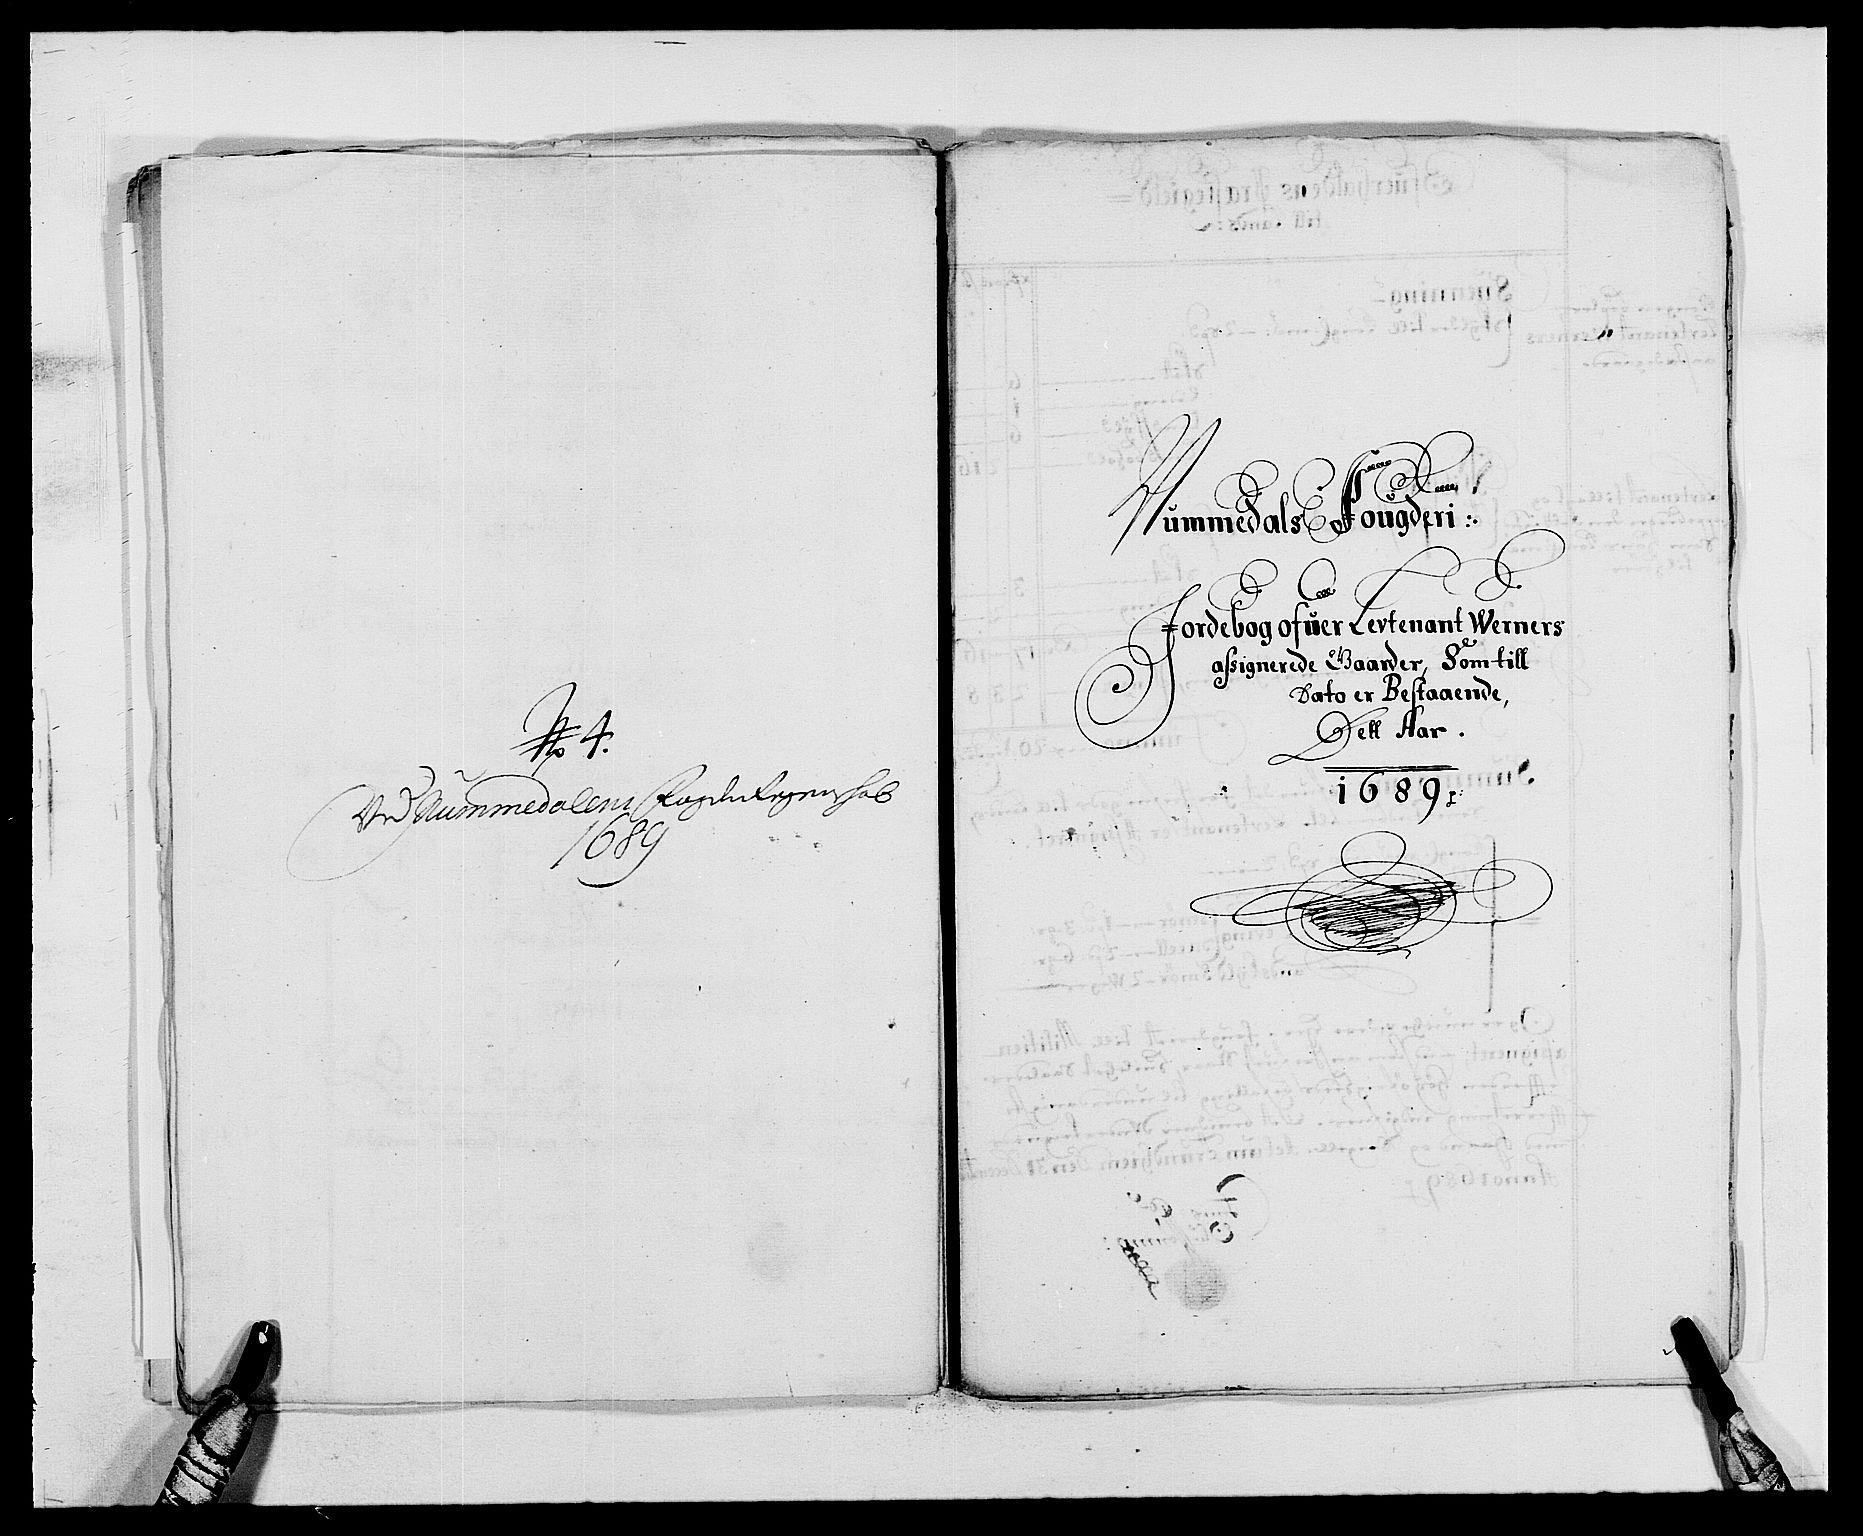 RA, Rentekammeret inntil 1814, Reviderte regnskaper, Fogderegnskap, R64/L4422: Fogderegnskap Namdal, 1687-1689, s. 297